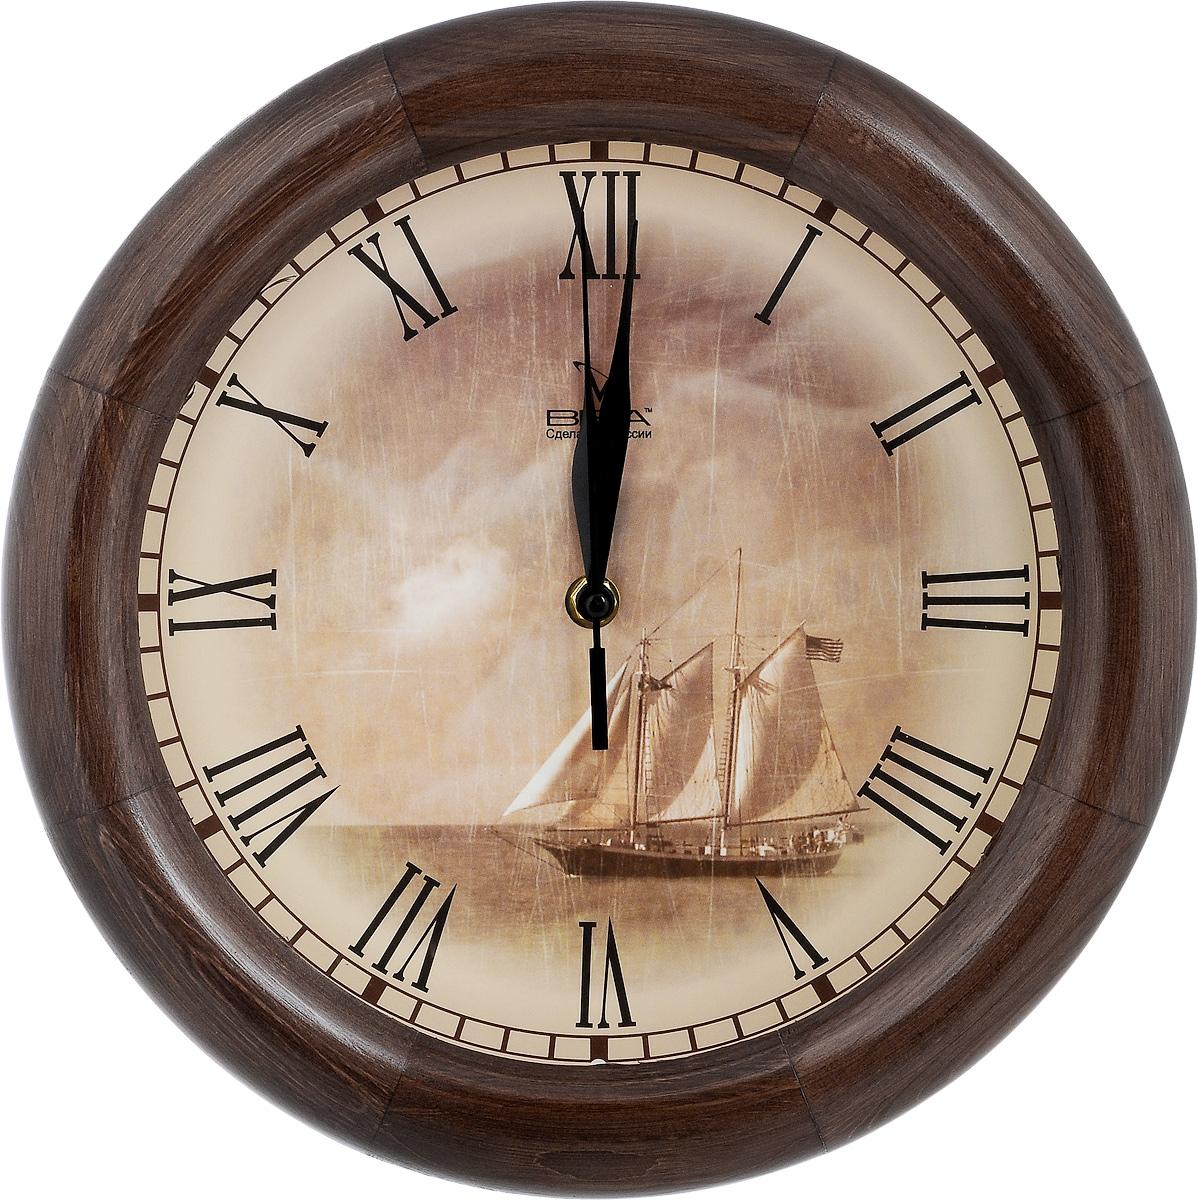 Часы настенные Вега Парусник, диаметр 30 смД1МД/7-8Настенные кварцевые часы Вега Парусник, изготовленные из дерева, прекрасно впишутся в интерьервашего дома. Часы имеют три стрелки: часовую,минутную и секундную, циферблат защищен прозрачнымстеклом.Часы работают от 1 батарейки типа АА напряжением 1,5 В (не входит в комплект). Диаметр часов: 30 см.